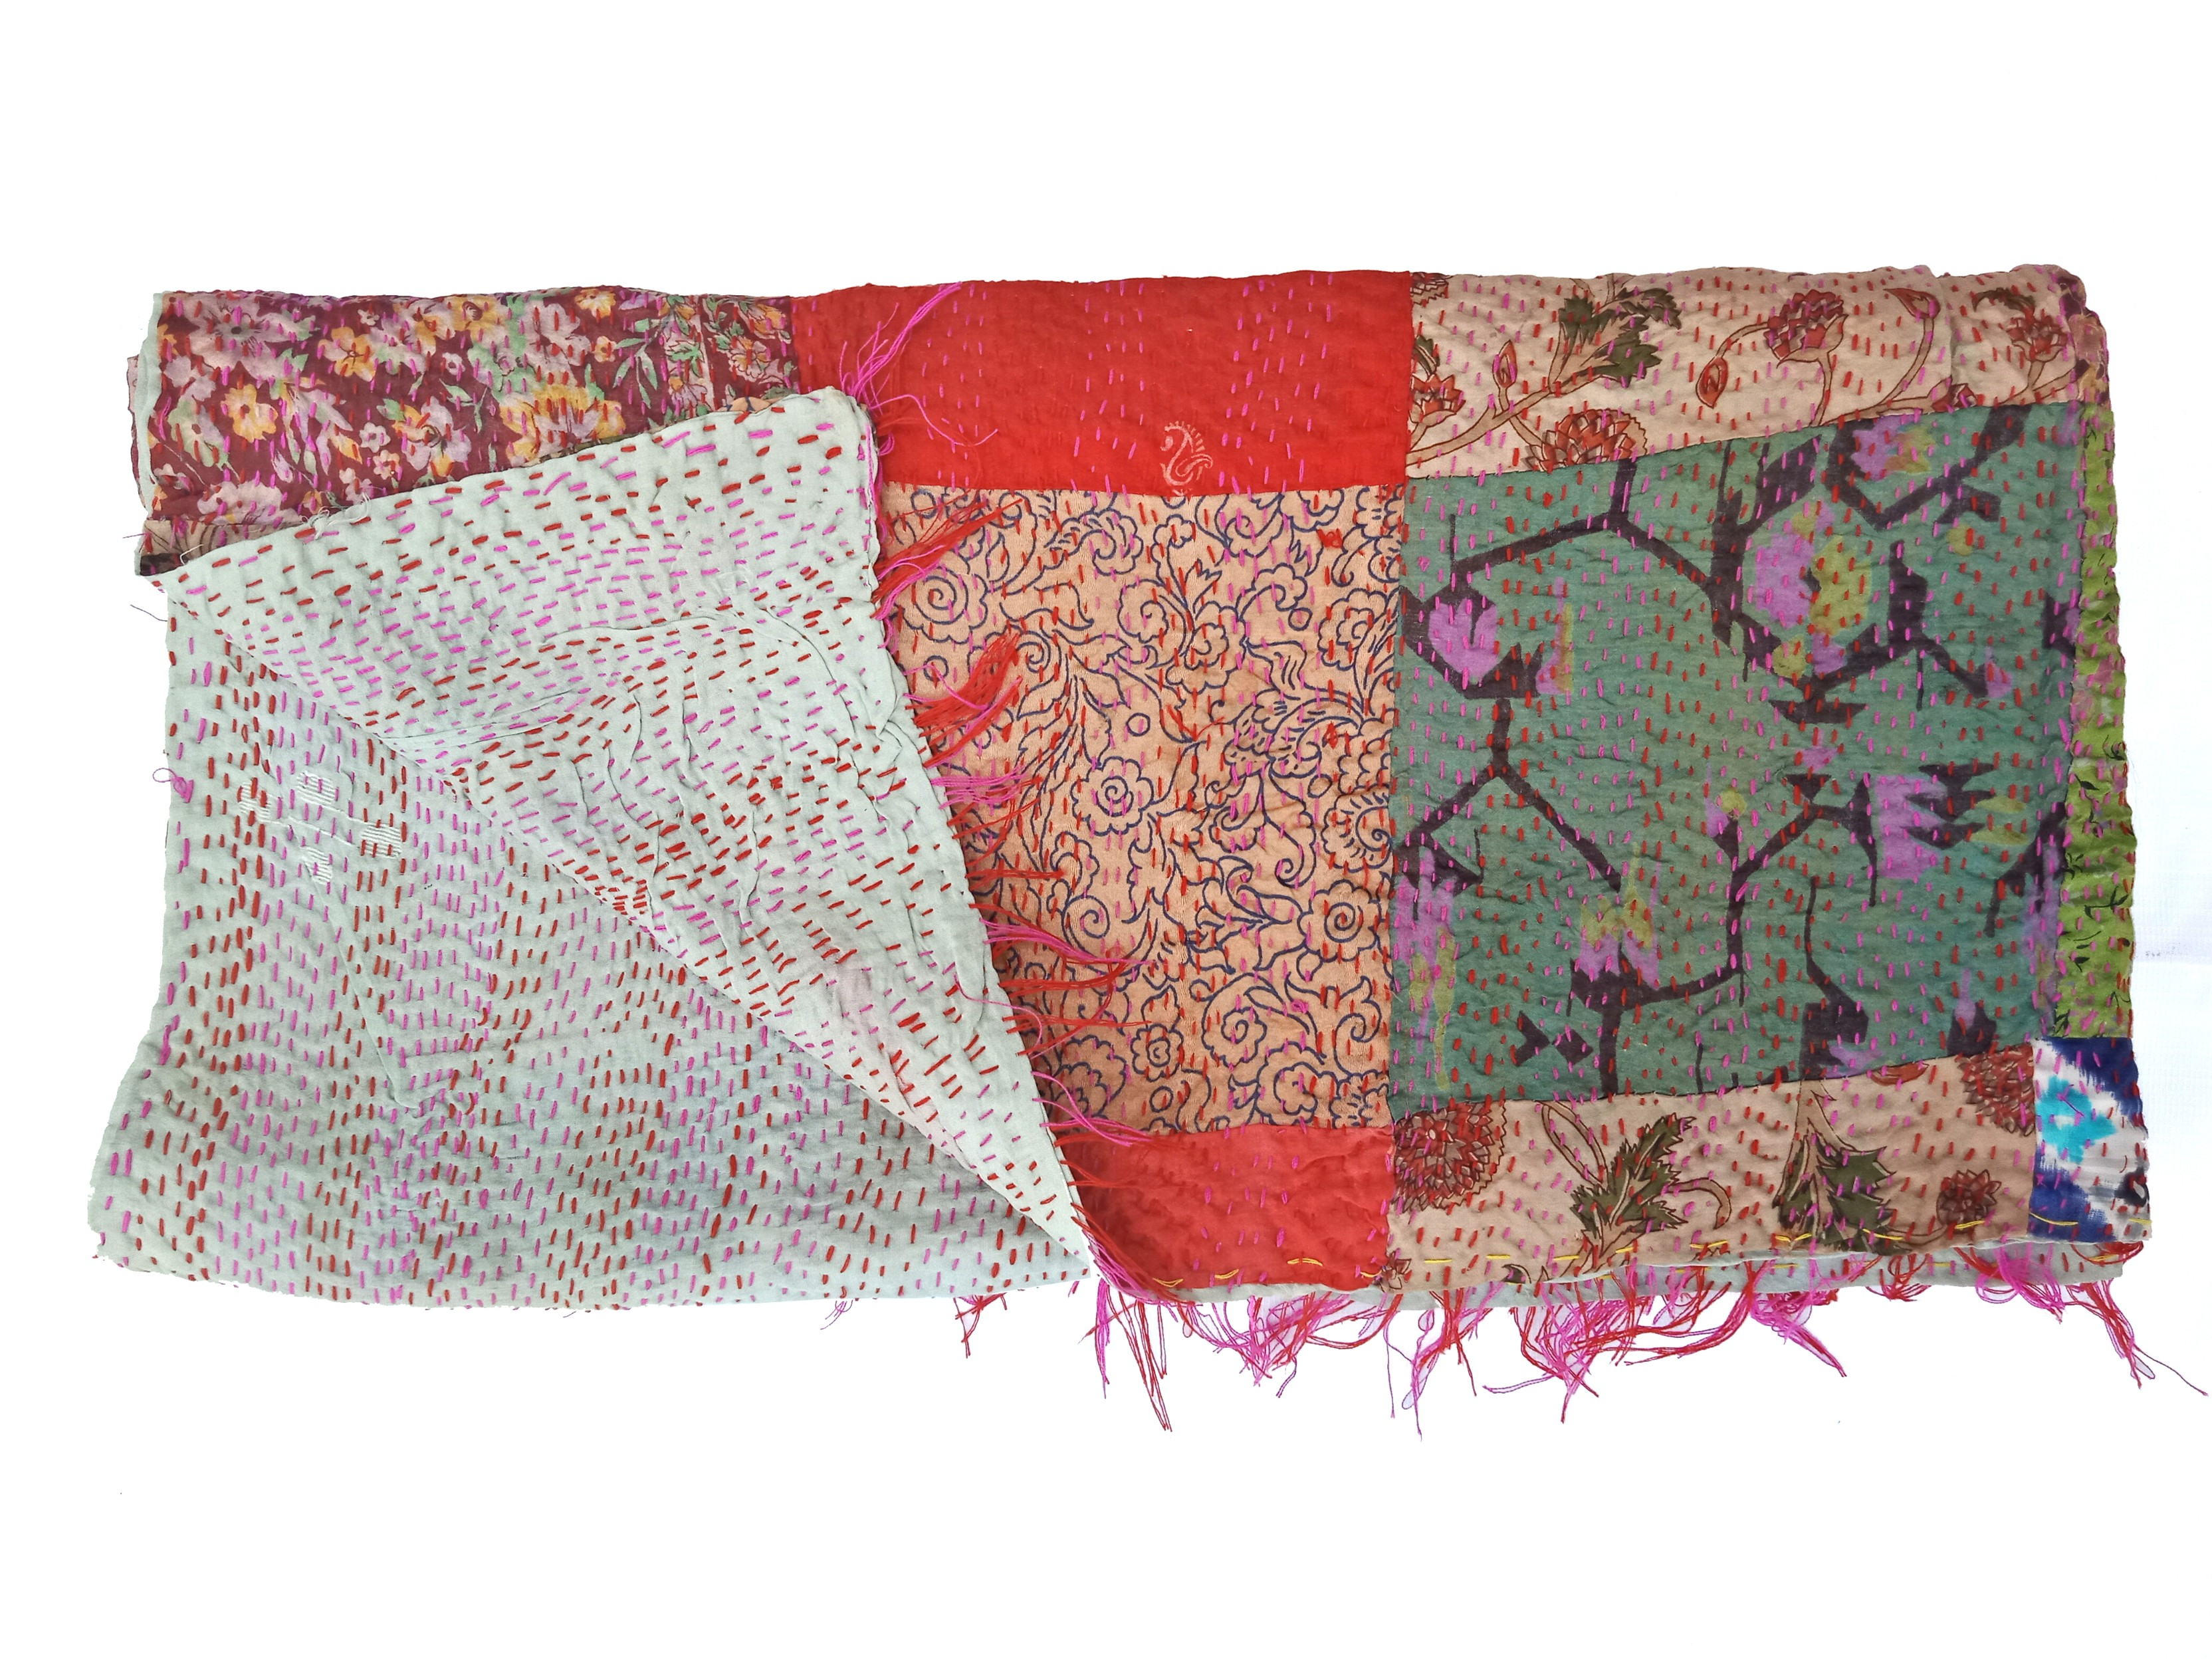 artisan made handmade kantha scarf